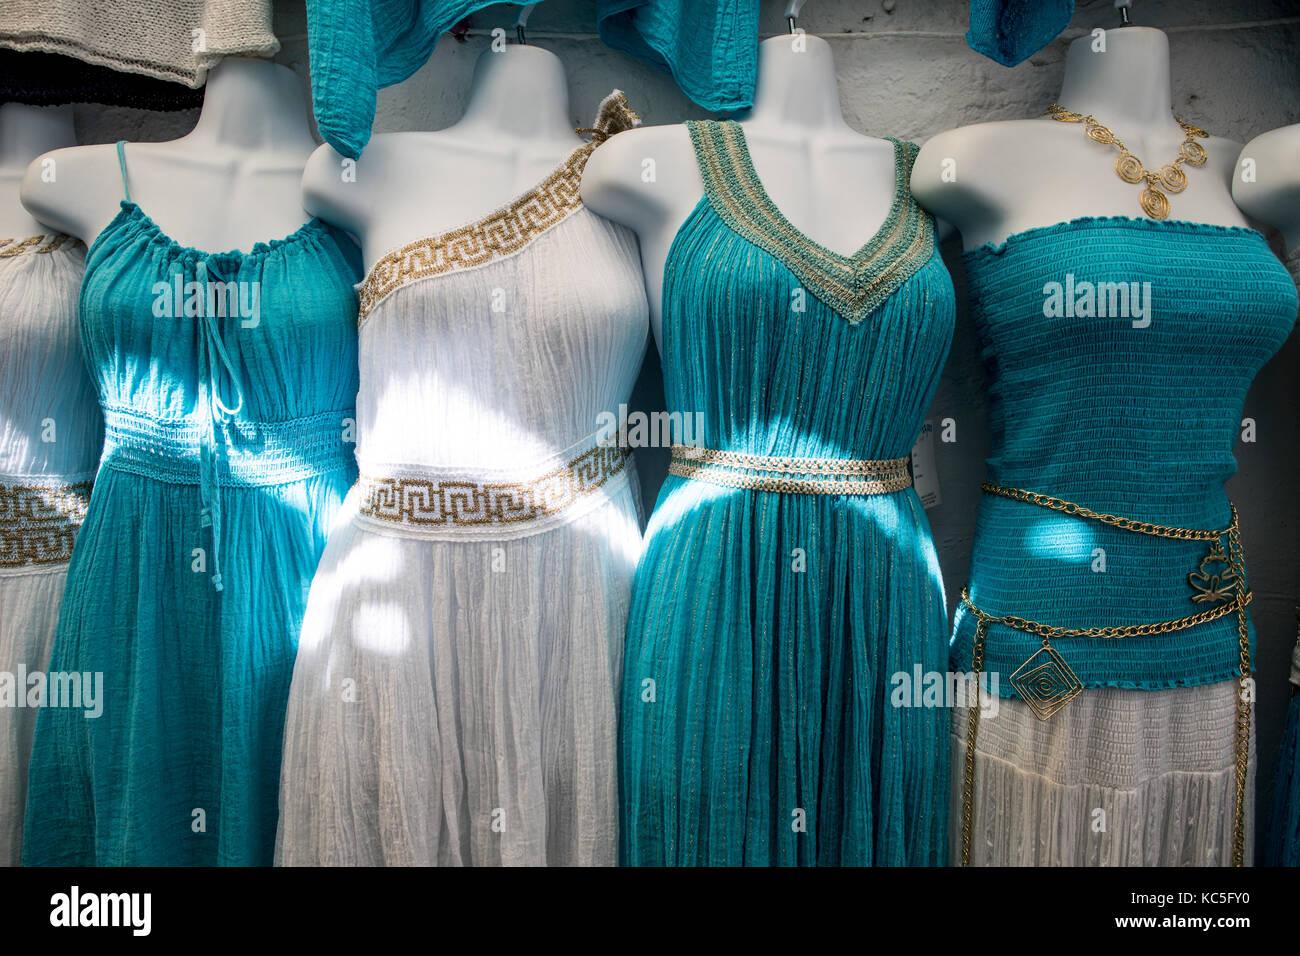 Griechische Kleider Stockfotos und -bilder Kaufen - Alamy